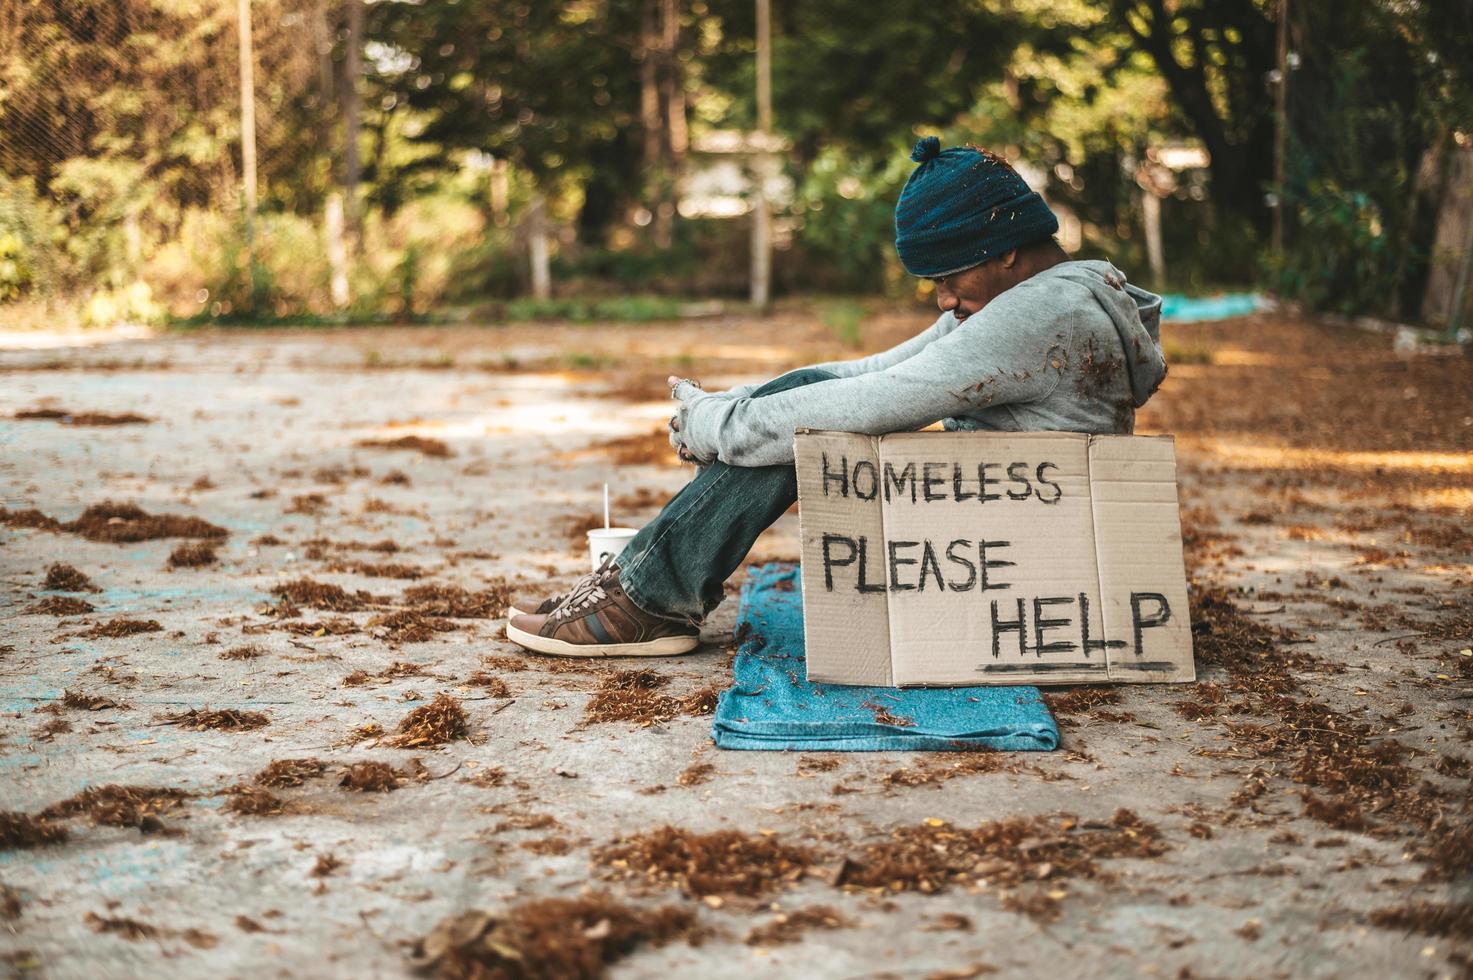 Bettler, der mit obdachlosen Nachrichten auf der Straße sitzt, bitte helfen Sie foto